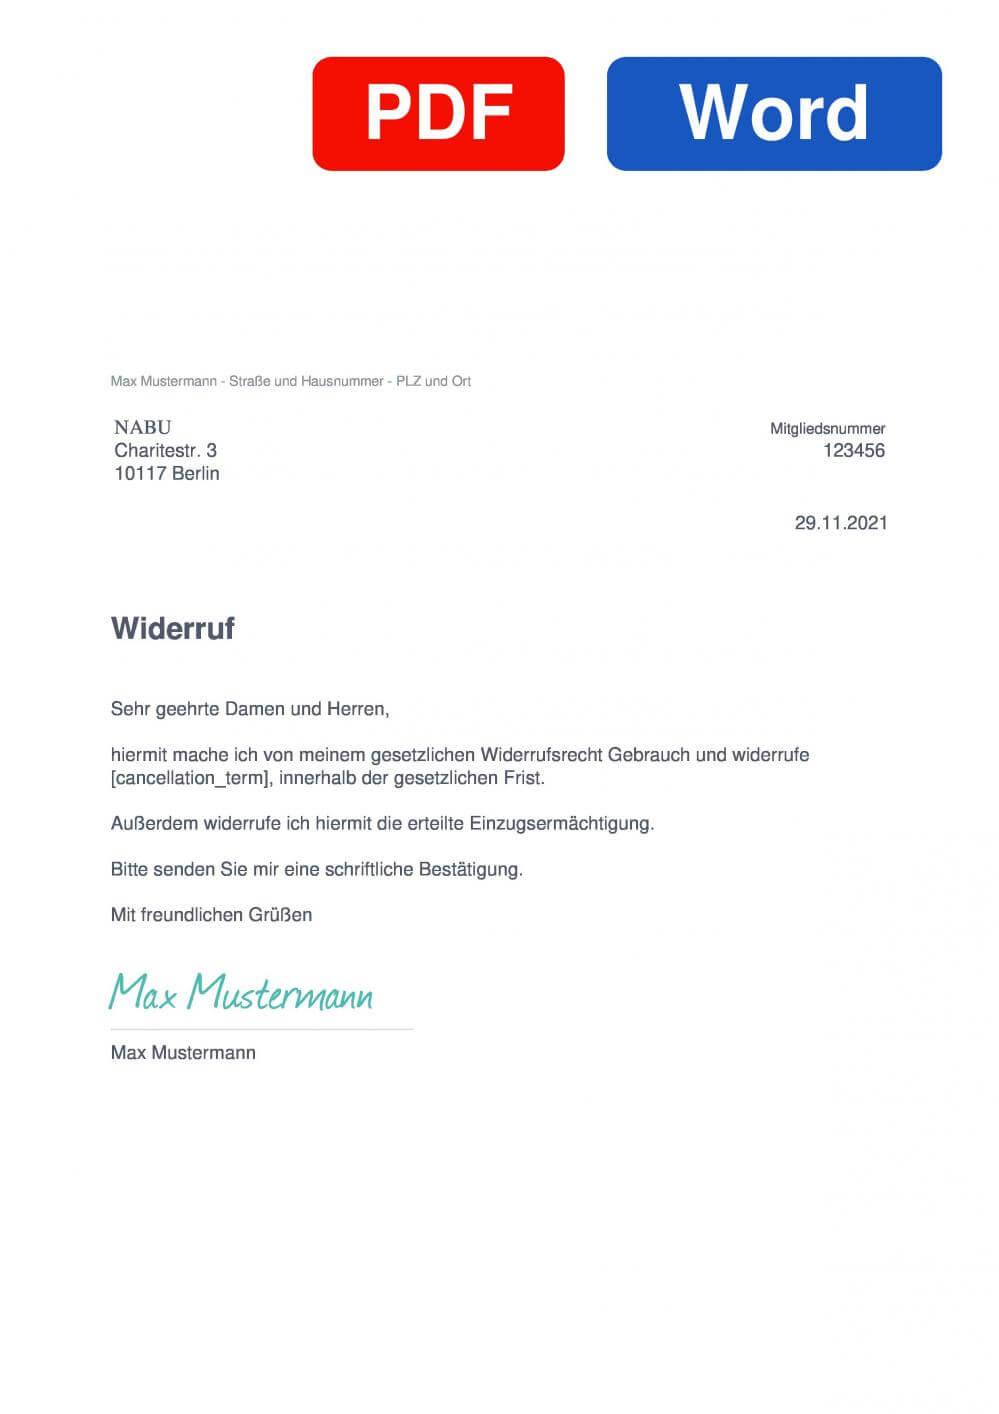 NABU Muster Vorlage für Wiederrufsschreiben